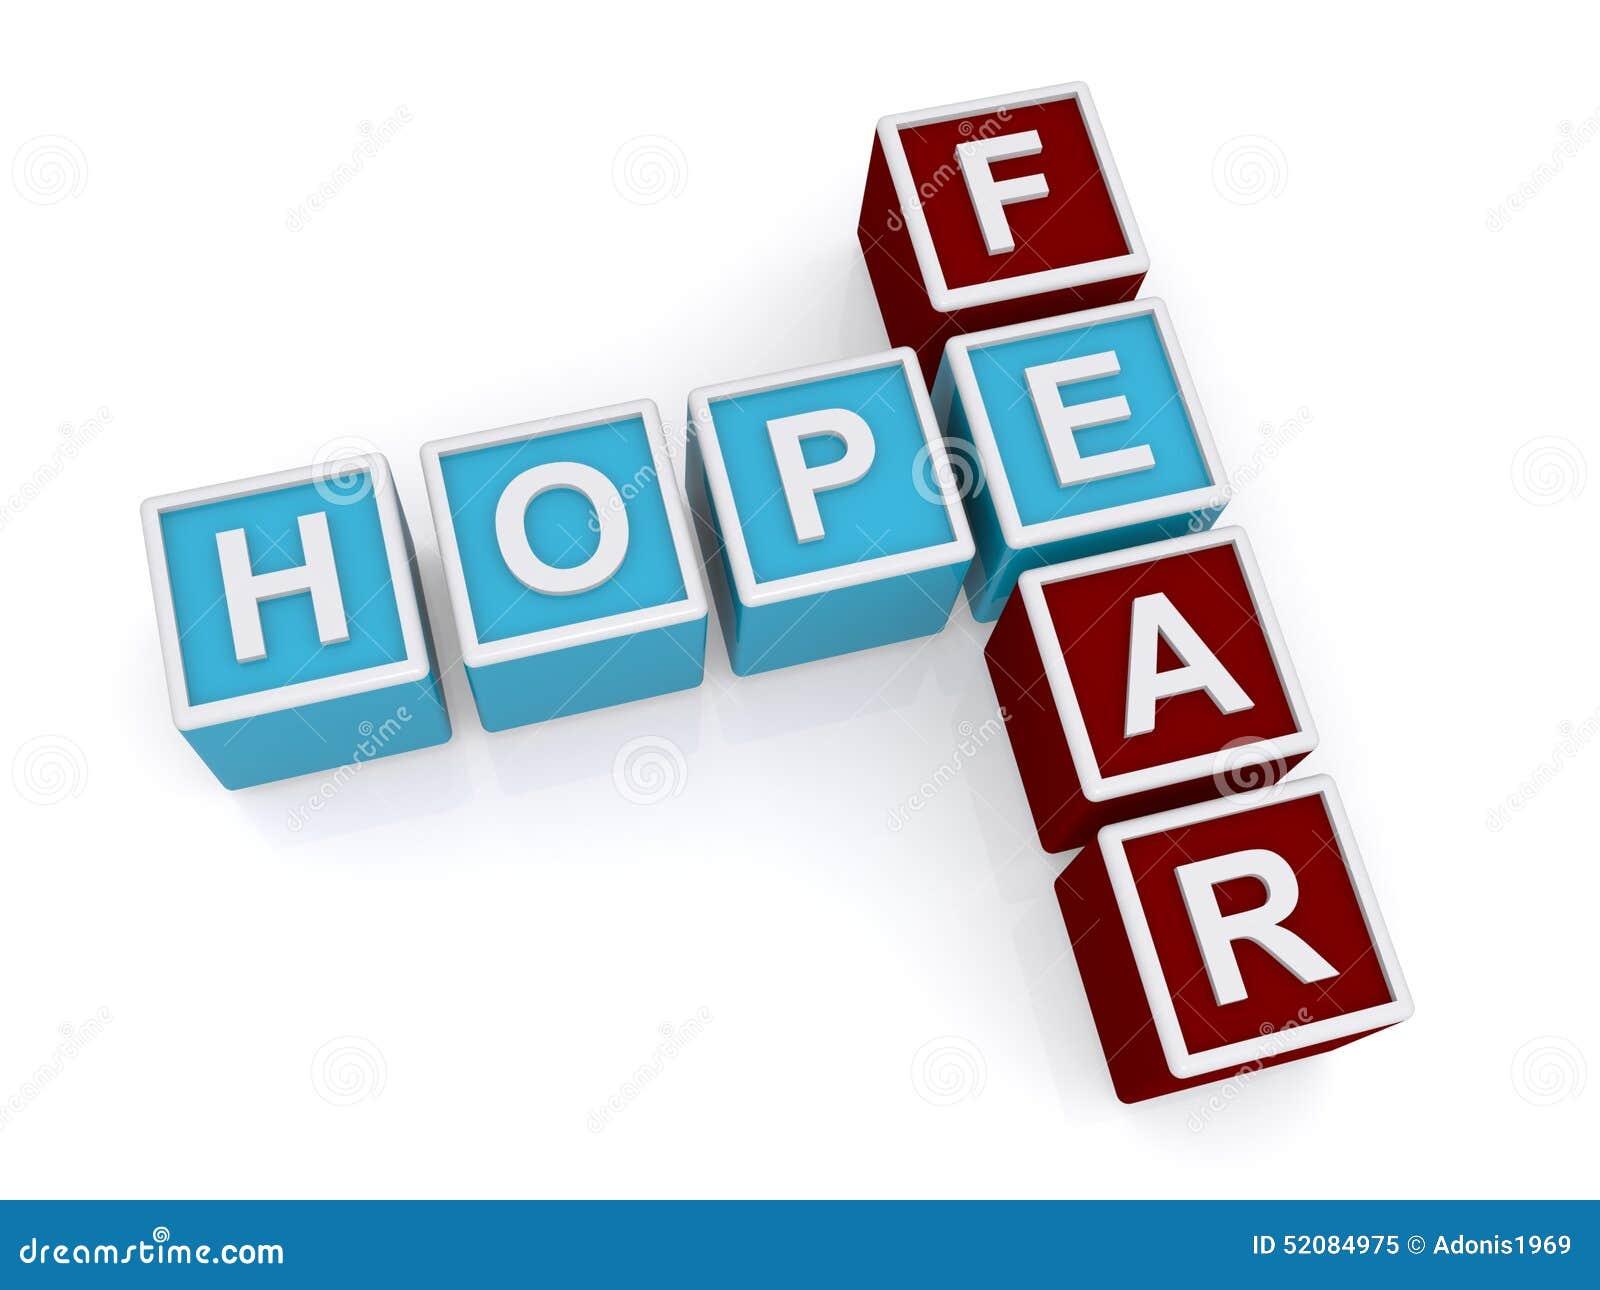 Espoir, crainte